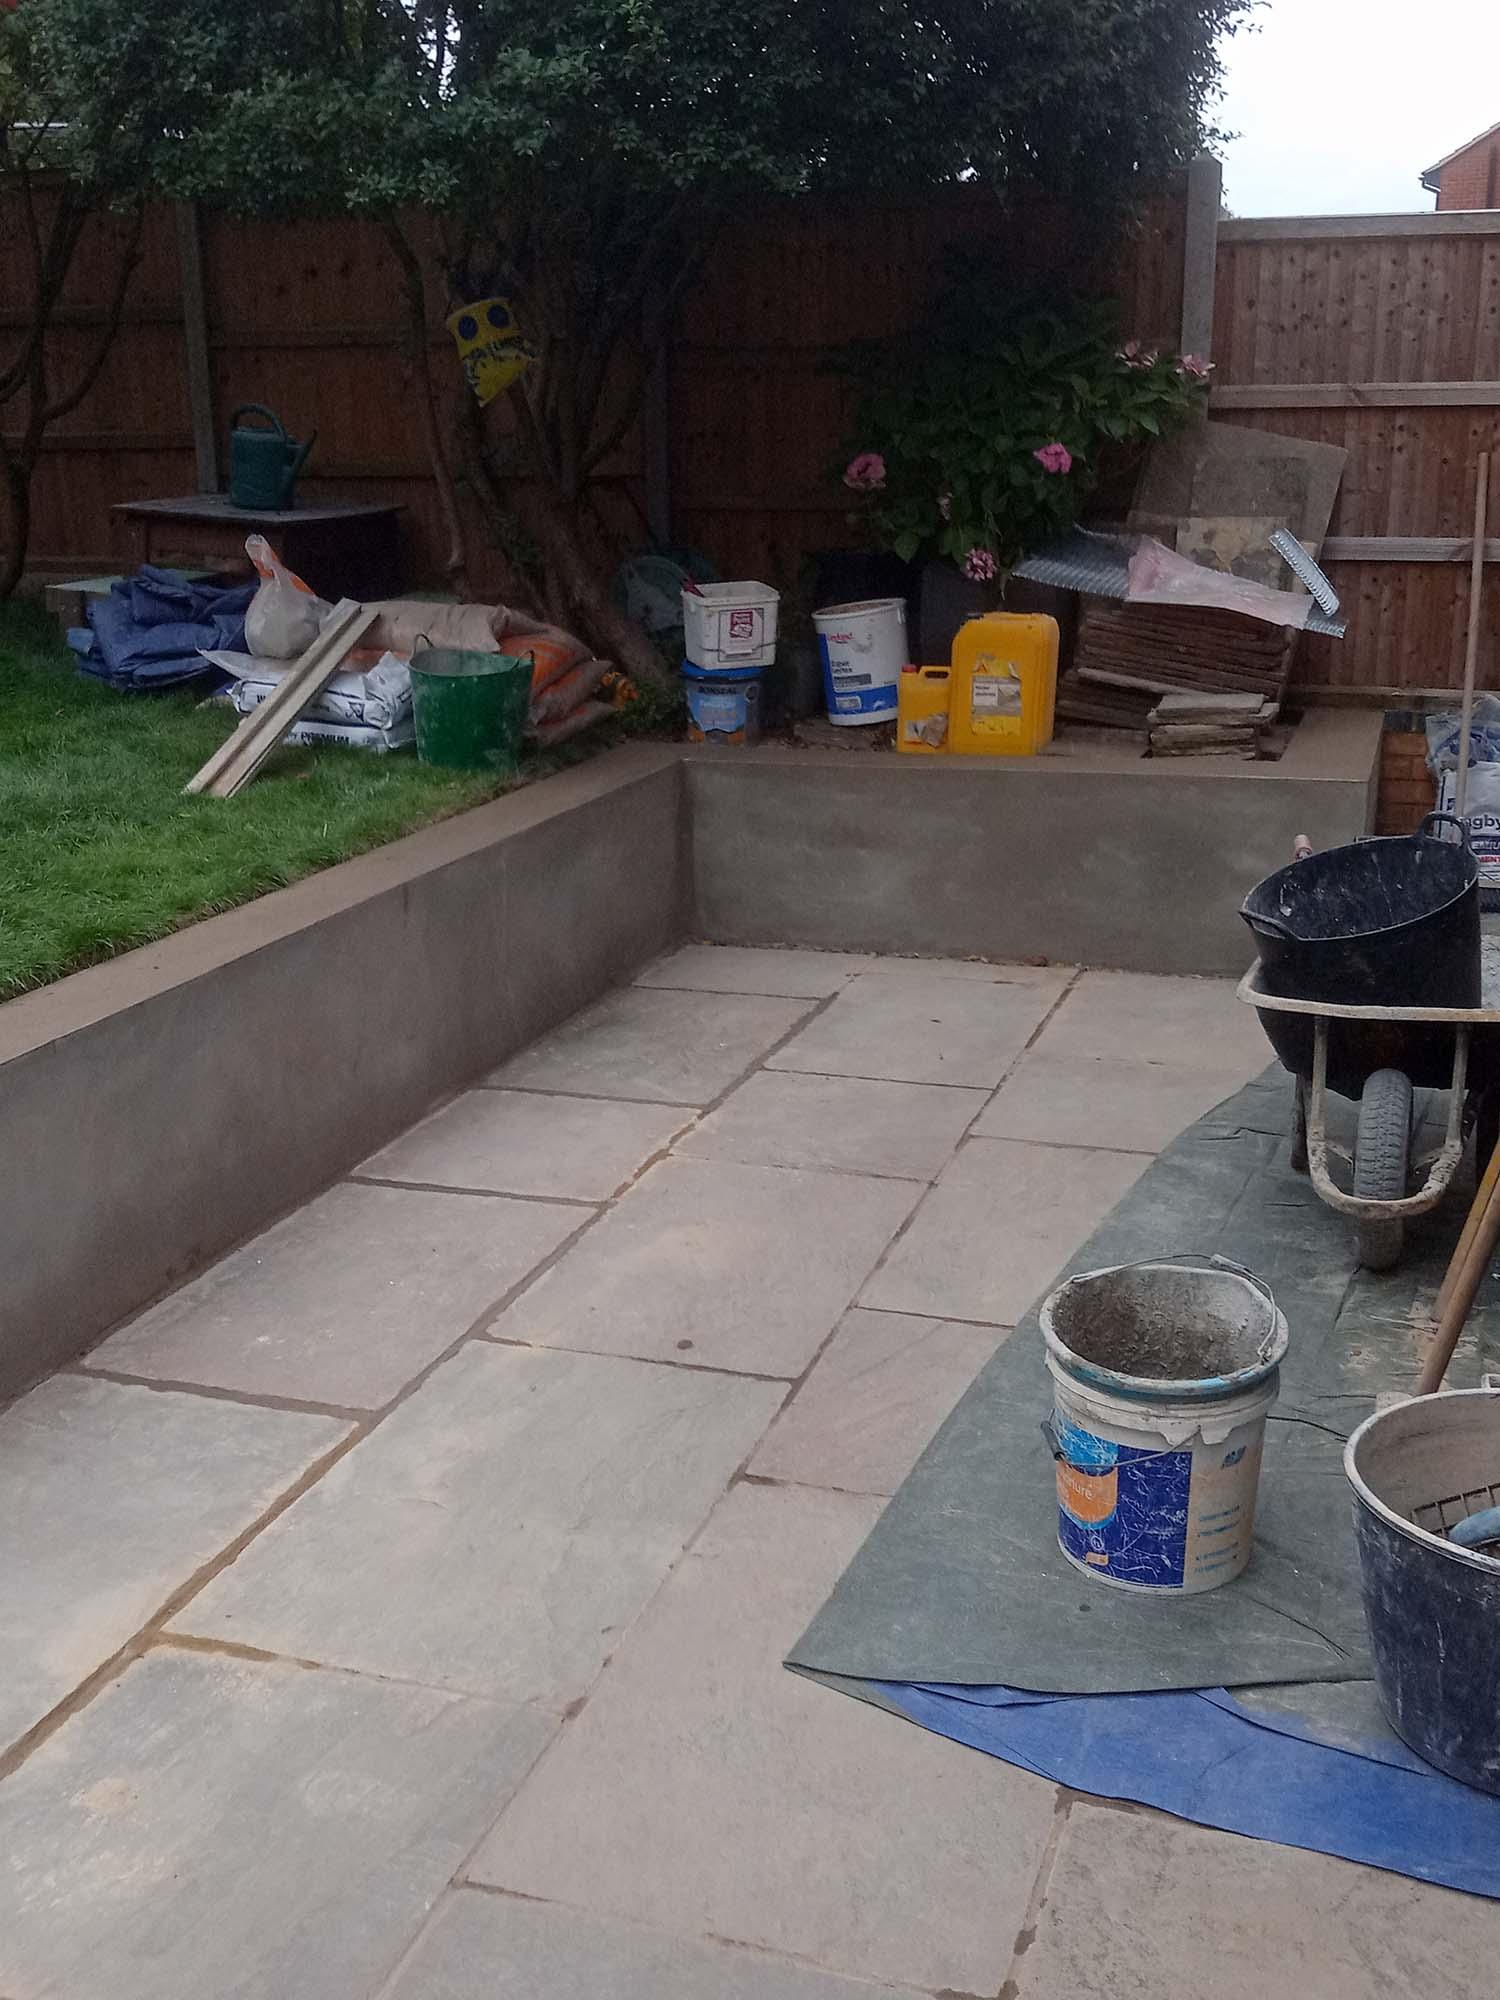 Plastering outdoor patio area